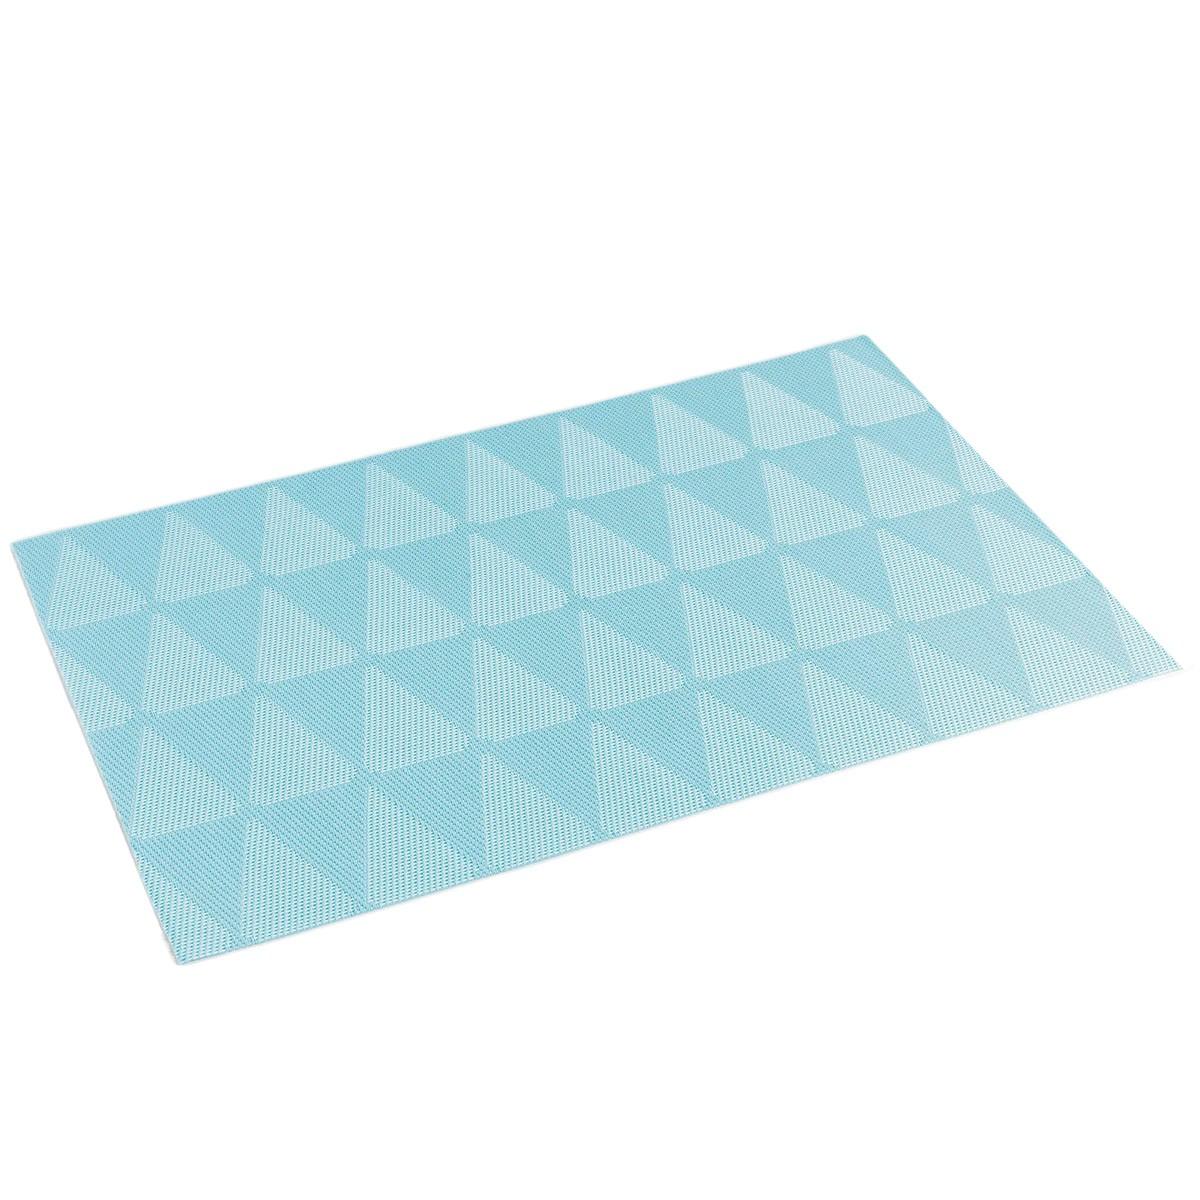 Σουπλά Takea Bleu 1790250